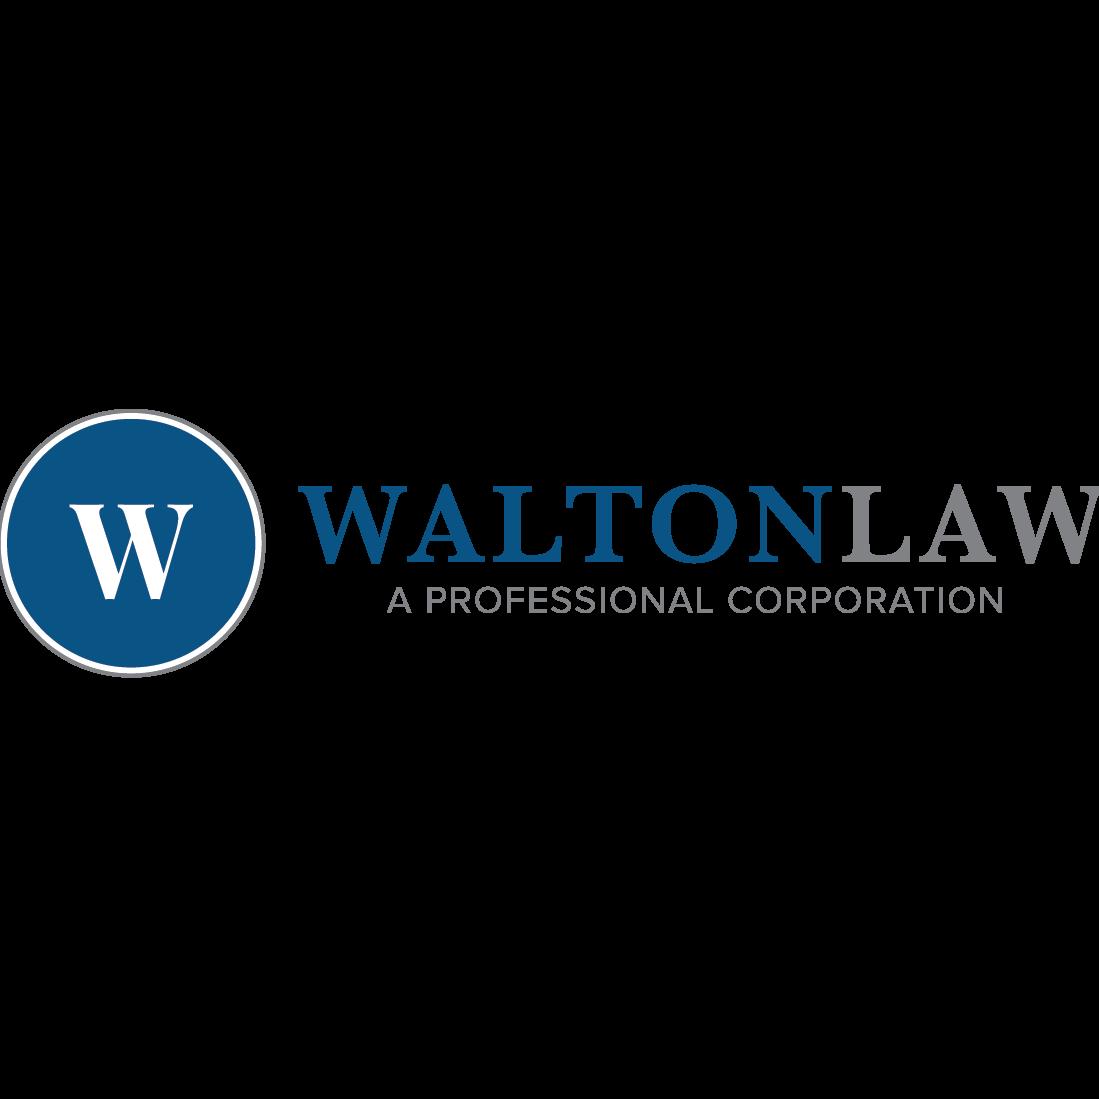 Walton Law, APC